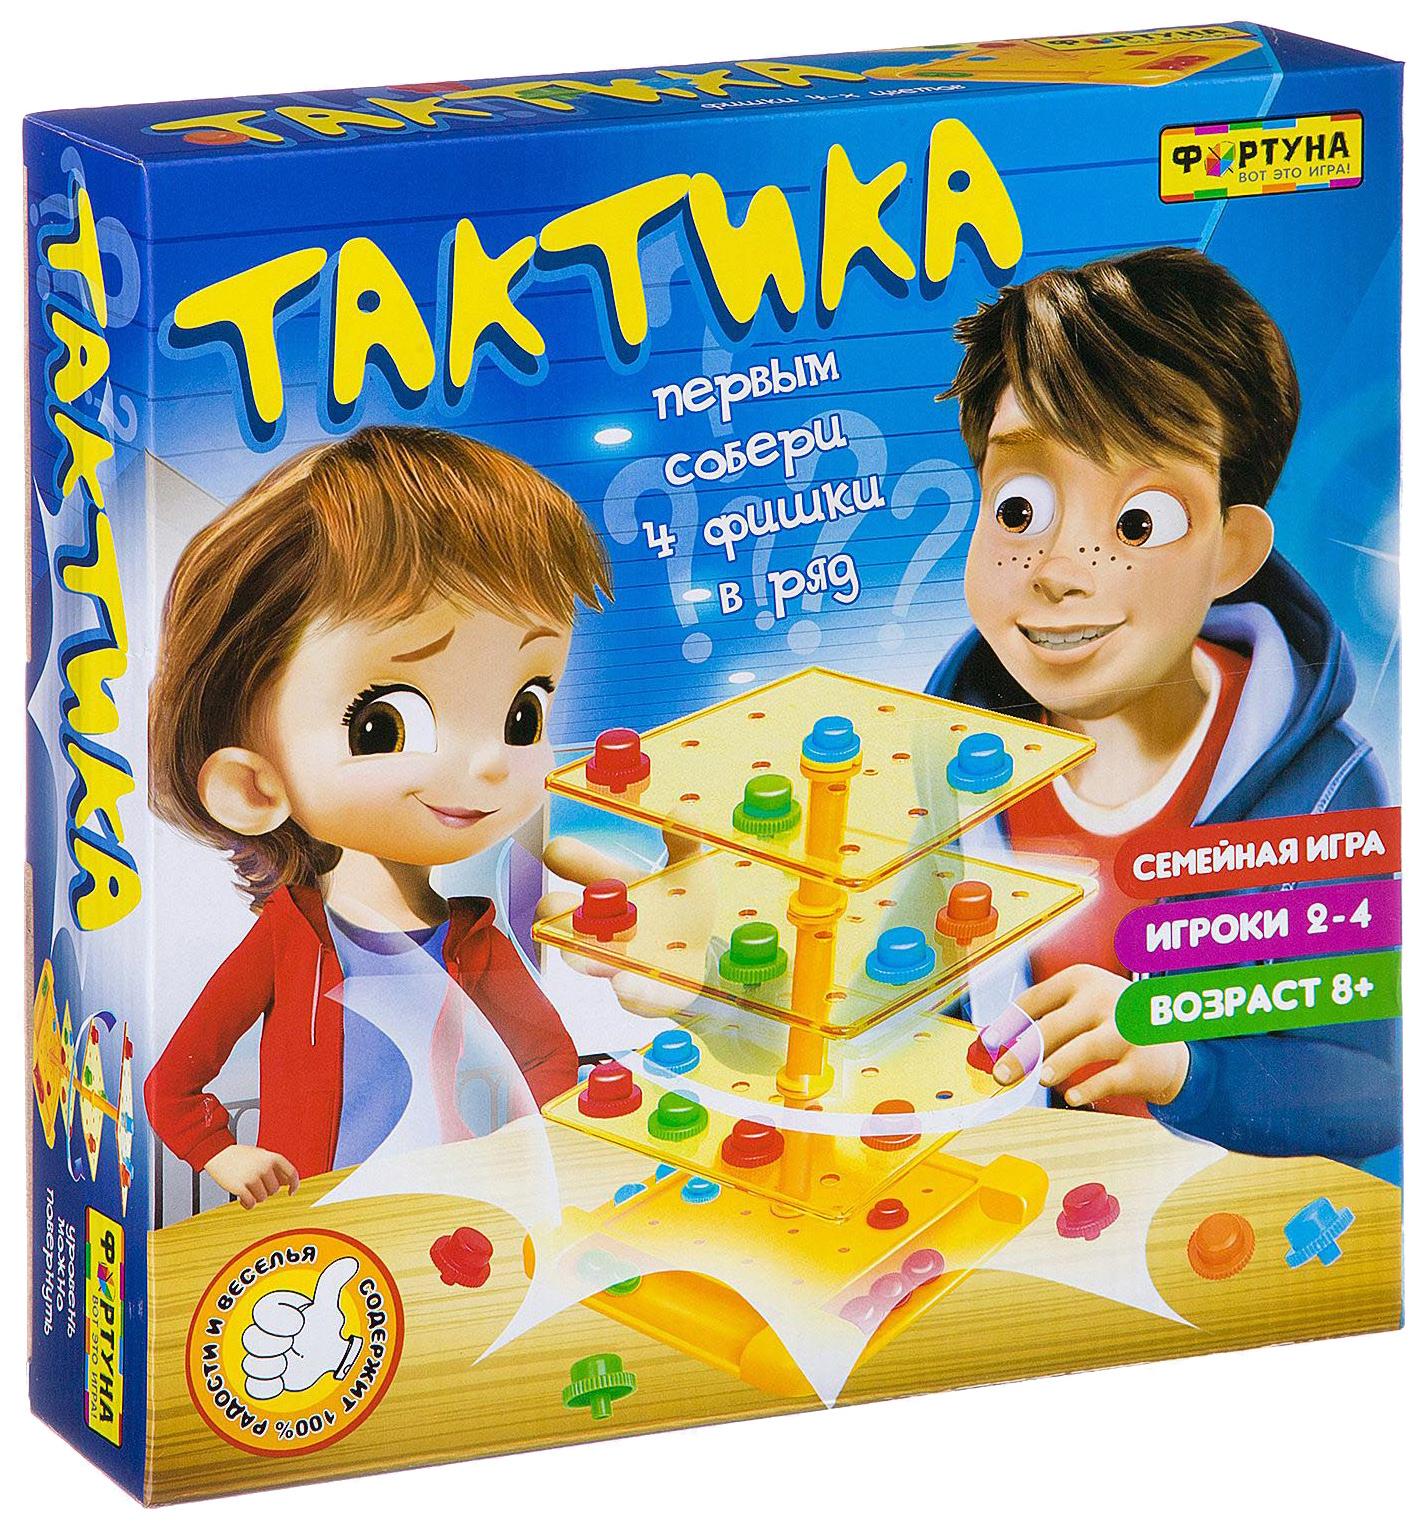 Купить Настольная игра Фортуна Тактика Ф87005, Семейные настольные игры